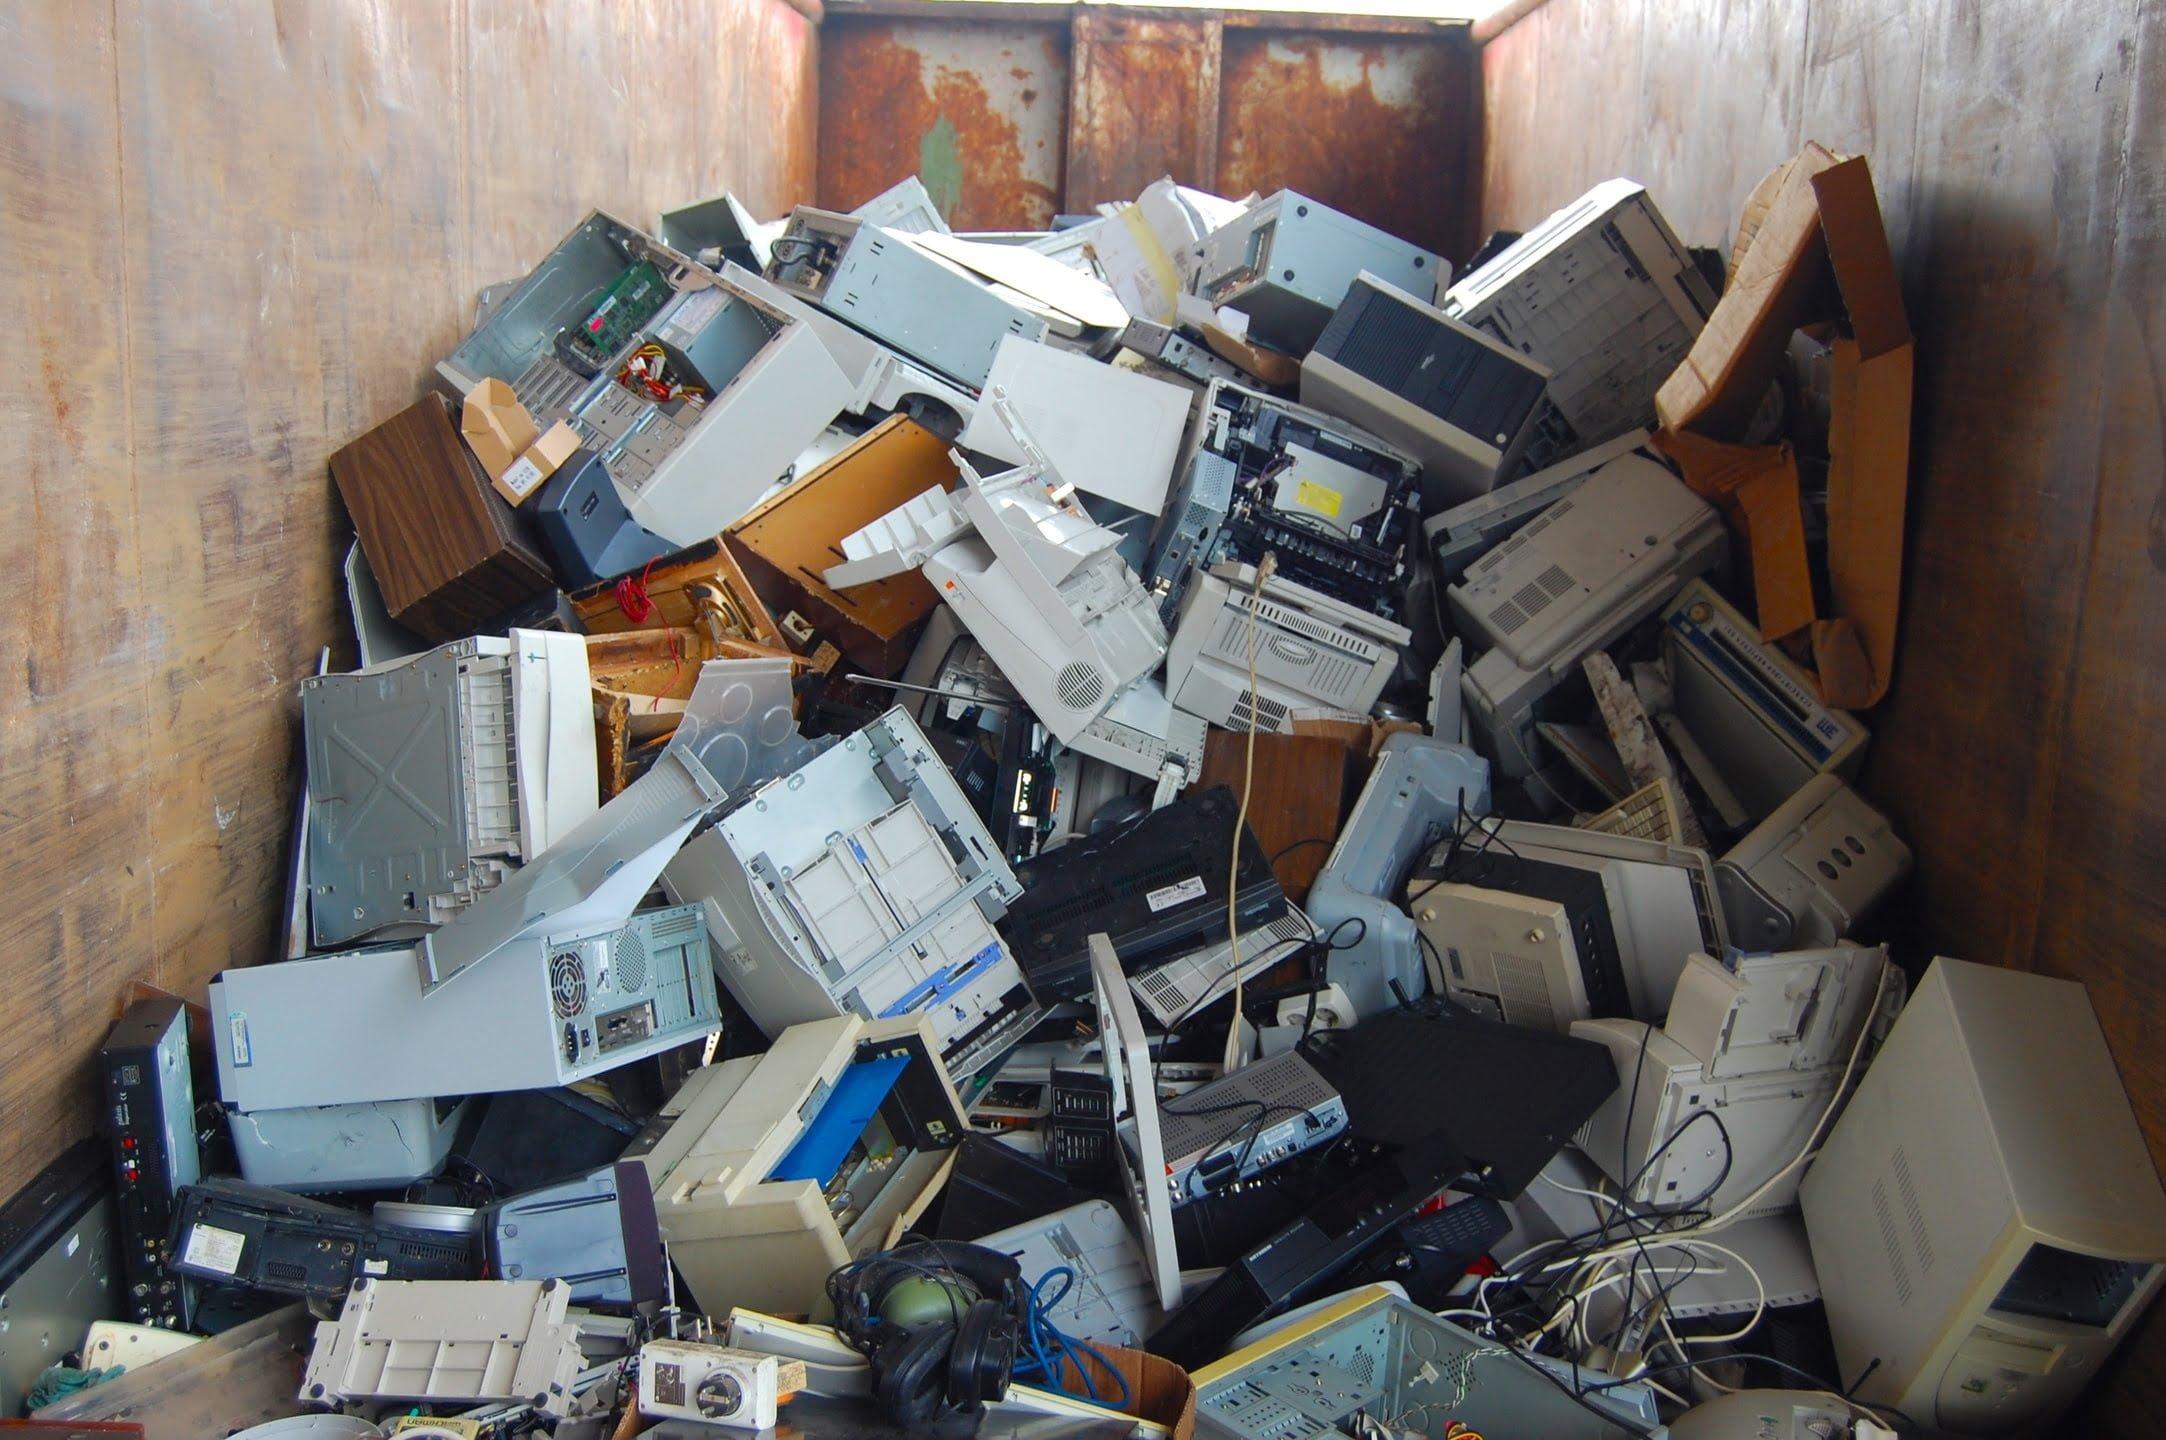 komputer, technologia, śmieci